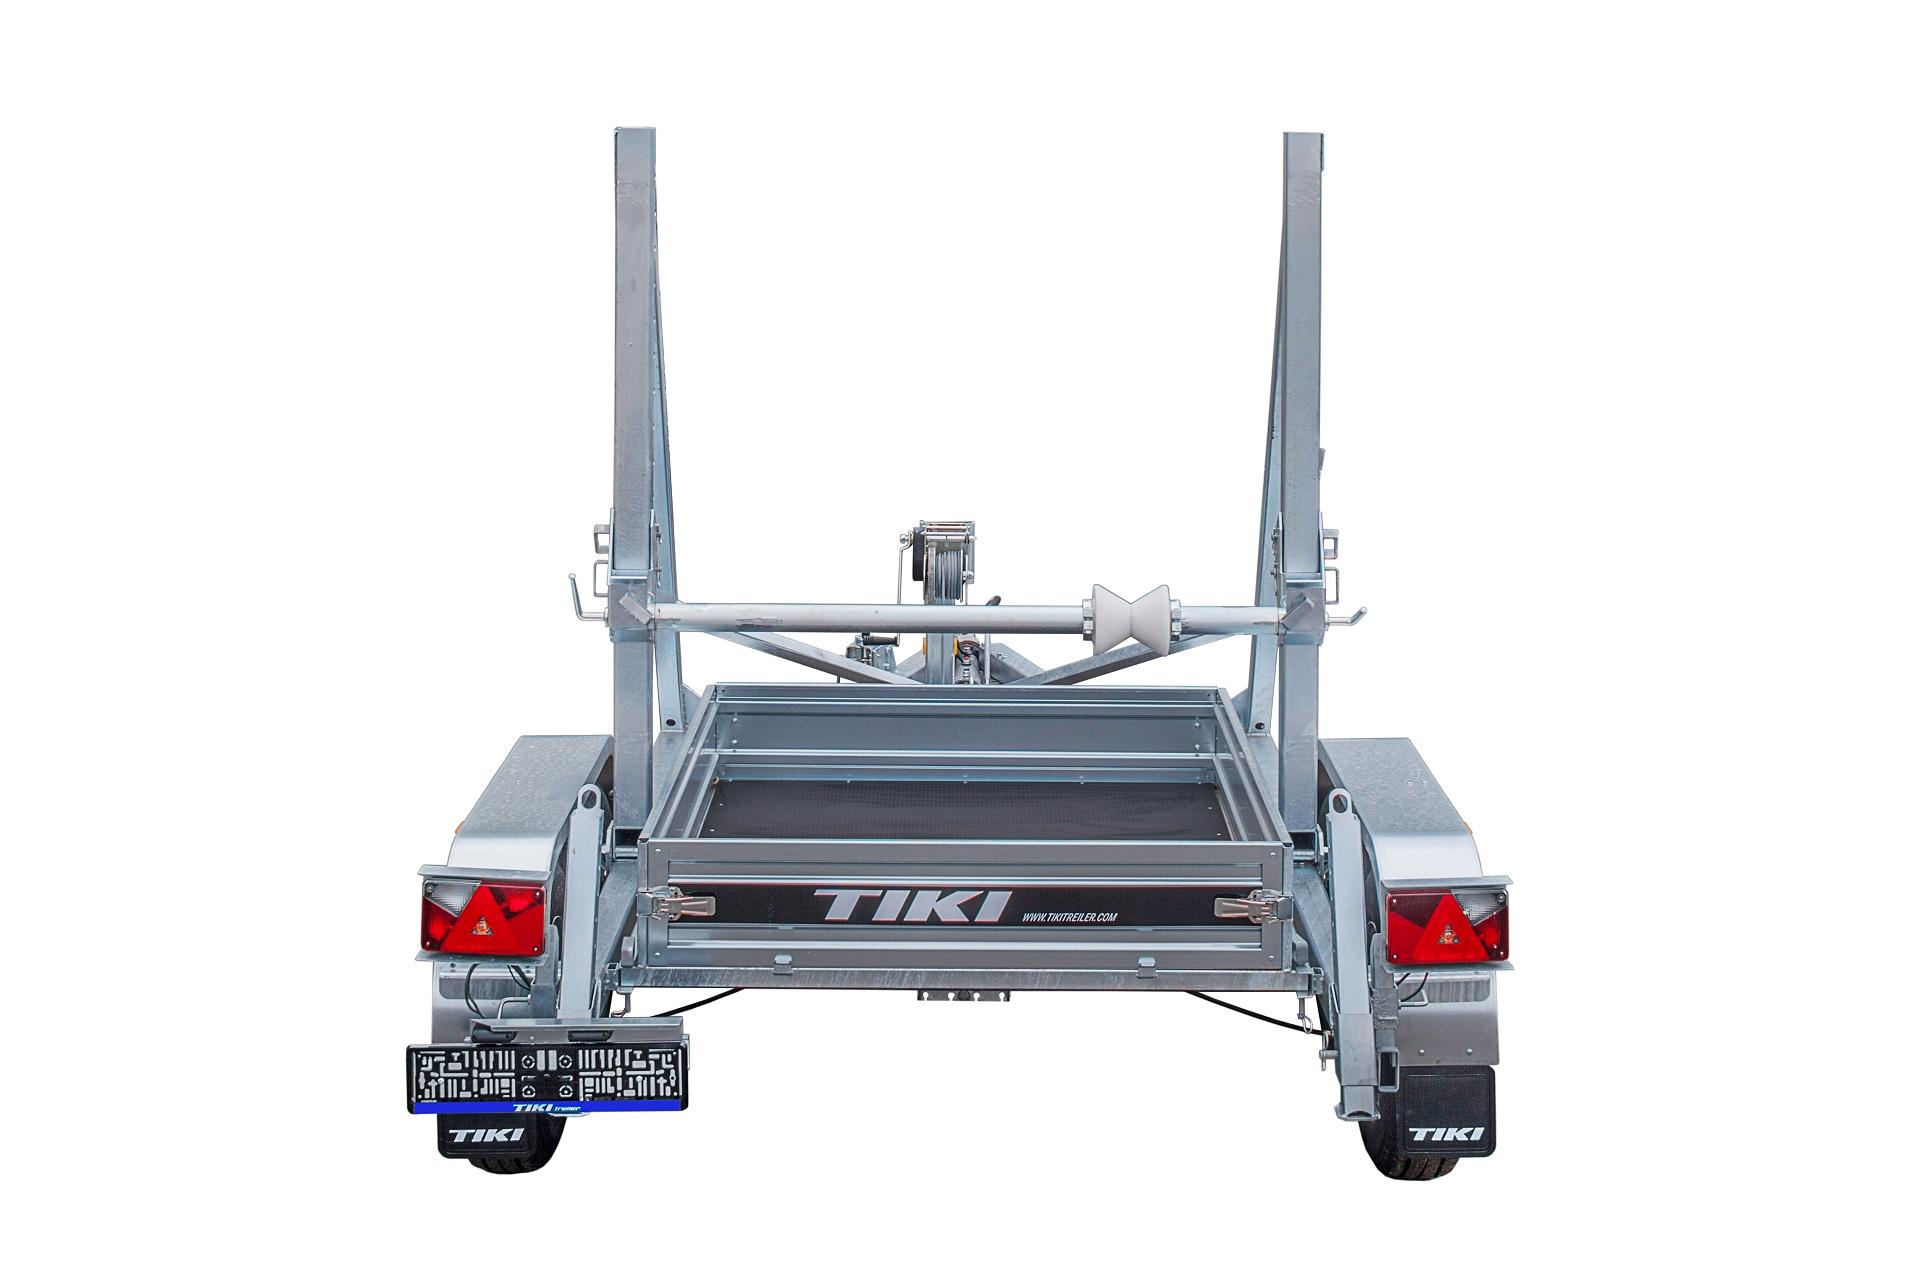 KP3500-DRB [Priekabų standartinė įranga gali skirtis nuo pavaizduotos komplektacijos paveiksliuke]